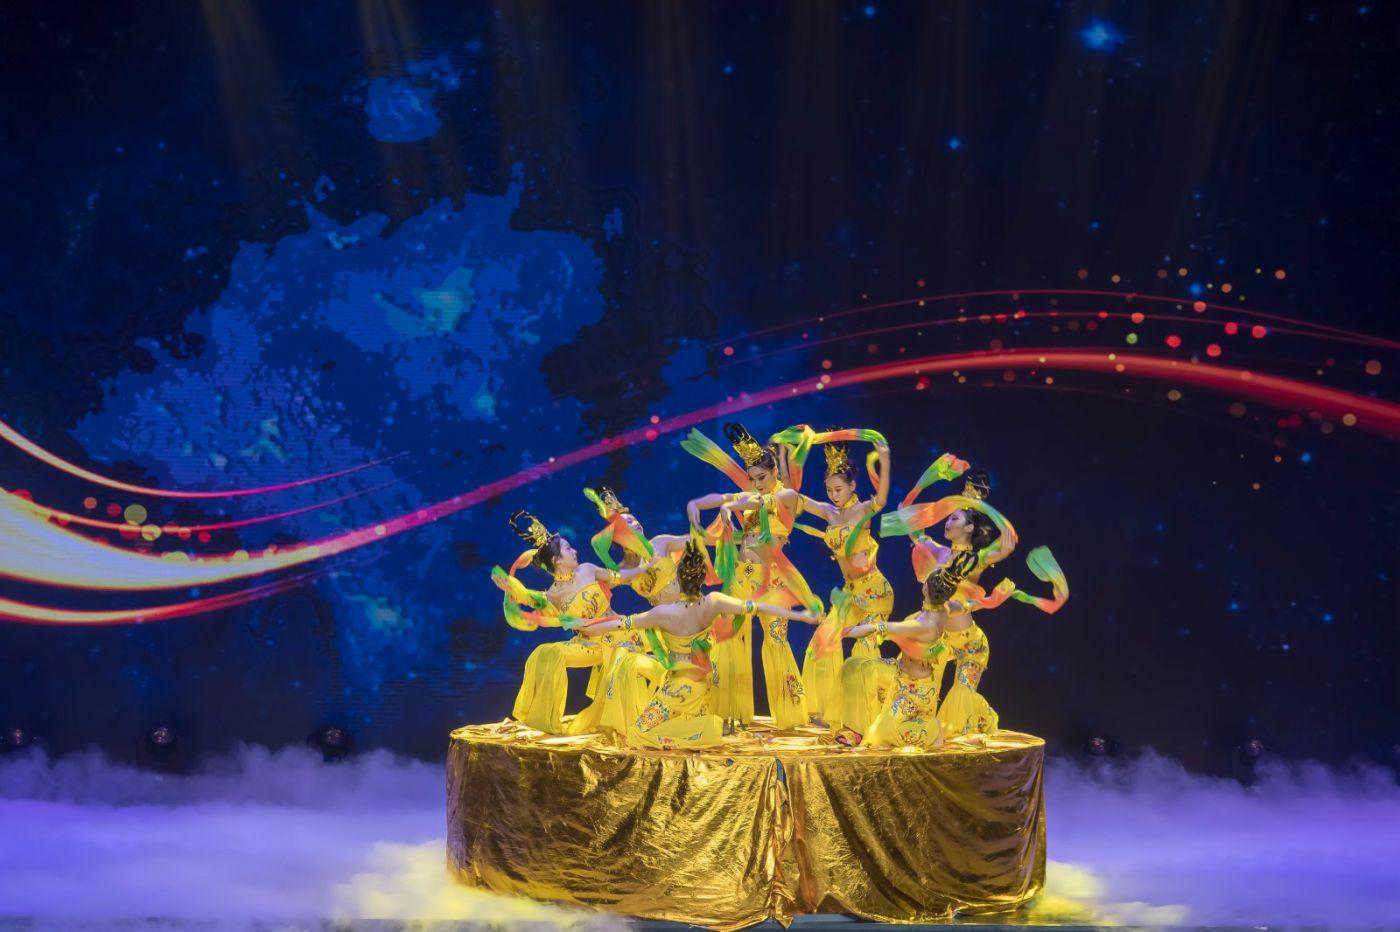 沂蒙大地上 有一种舞蹈叫飞天 这是几位临沂女孩的杰作 美轮美奂 ..._图1-52